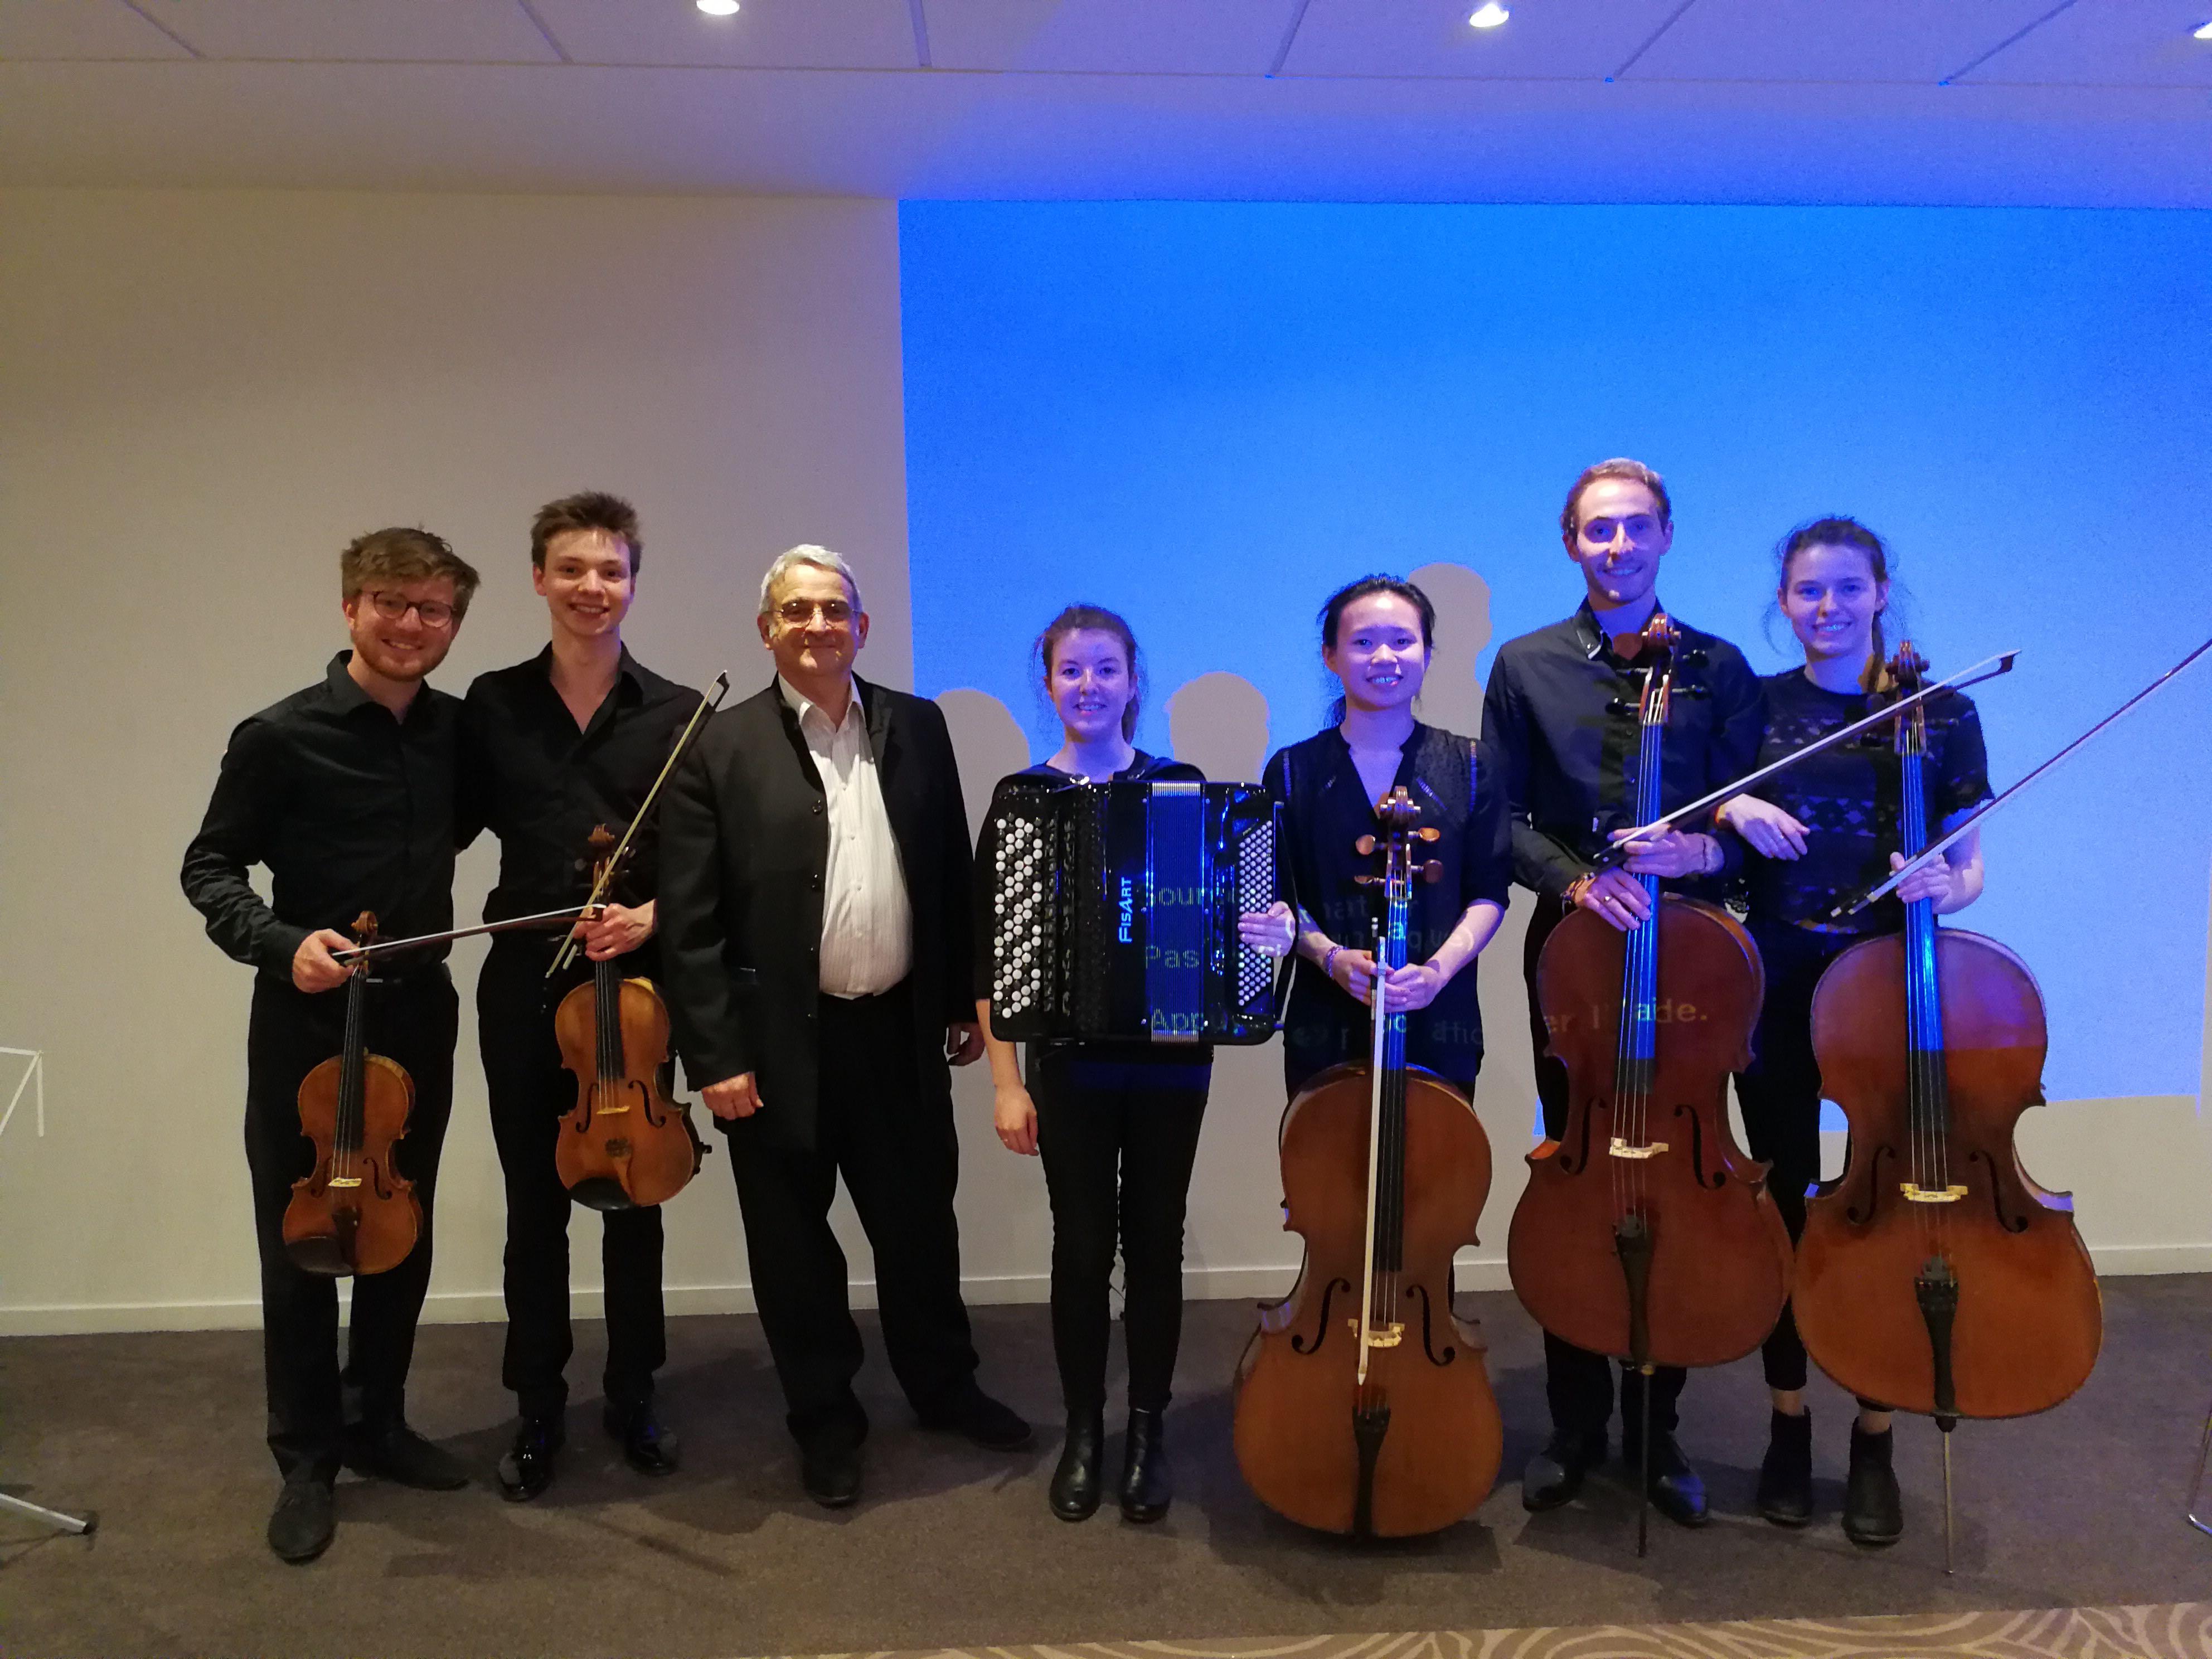 Photo Diner avec le Conservatoire de Bordeaux Jacques Thibaud, Rotary Bordeaux, Ensemble musical